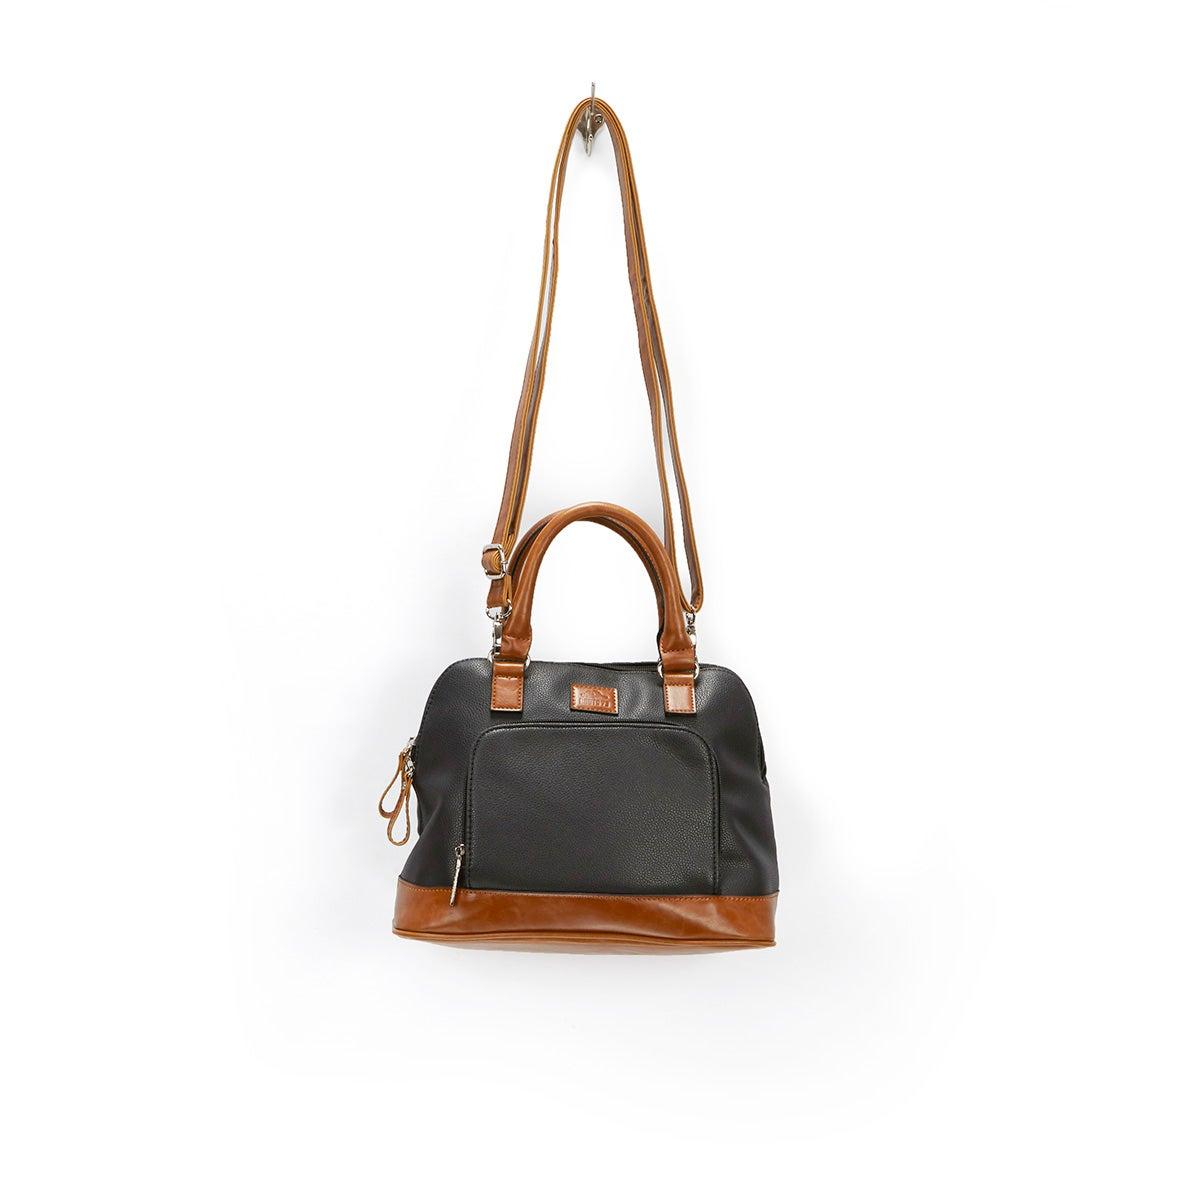 Lds black rounded top zip up satchel